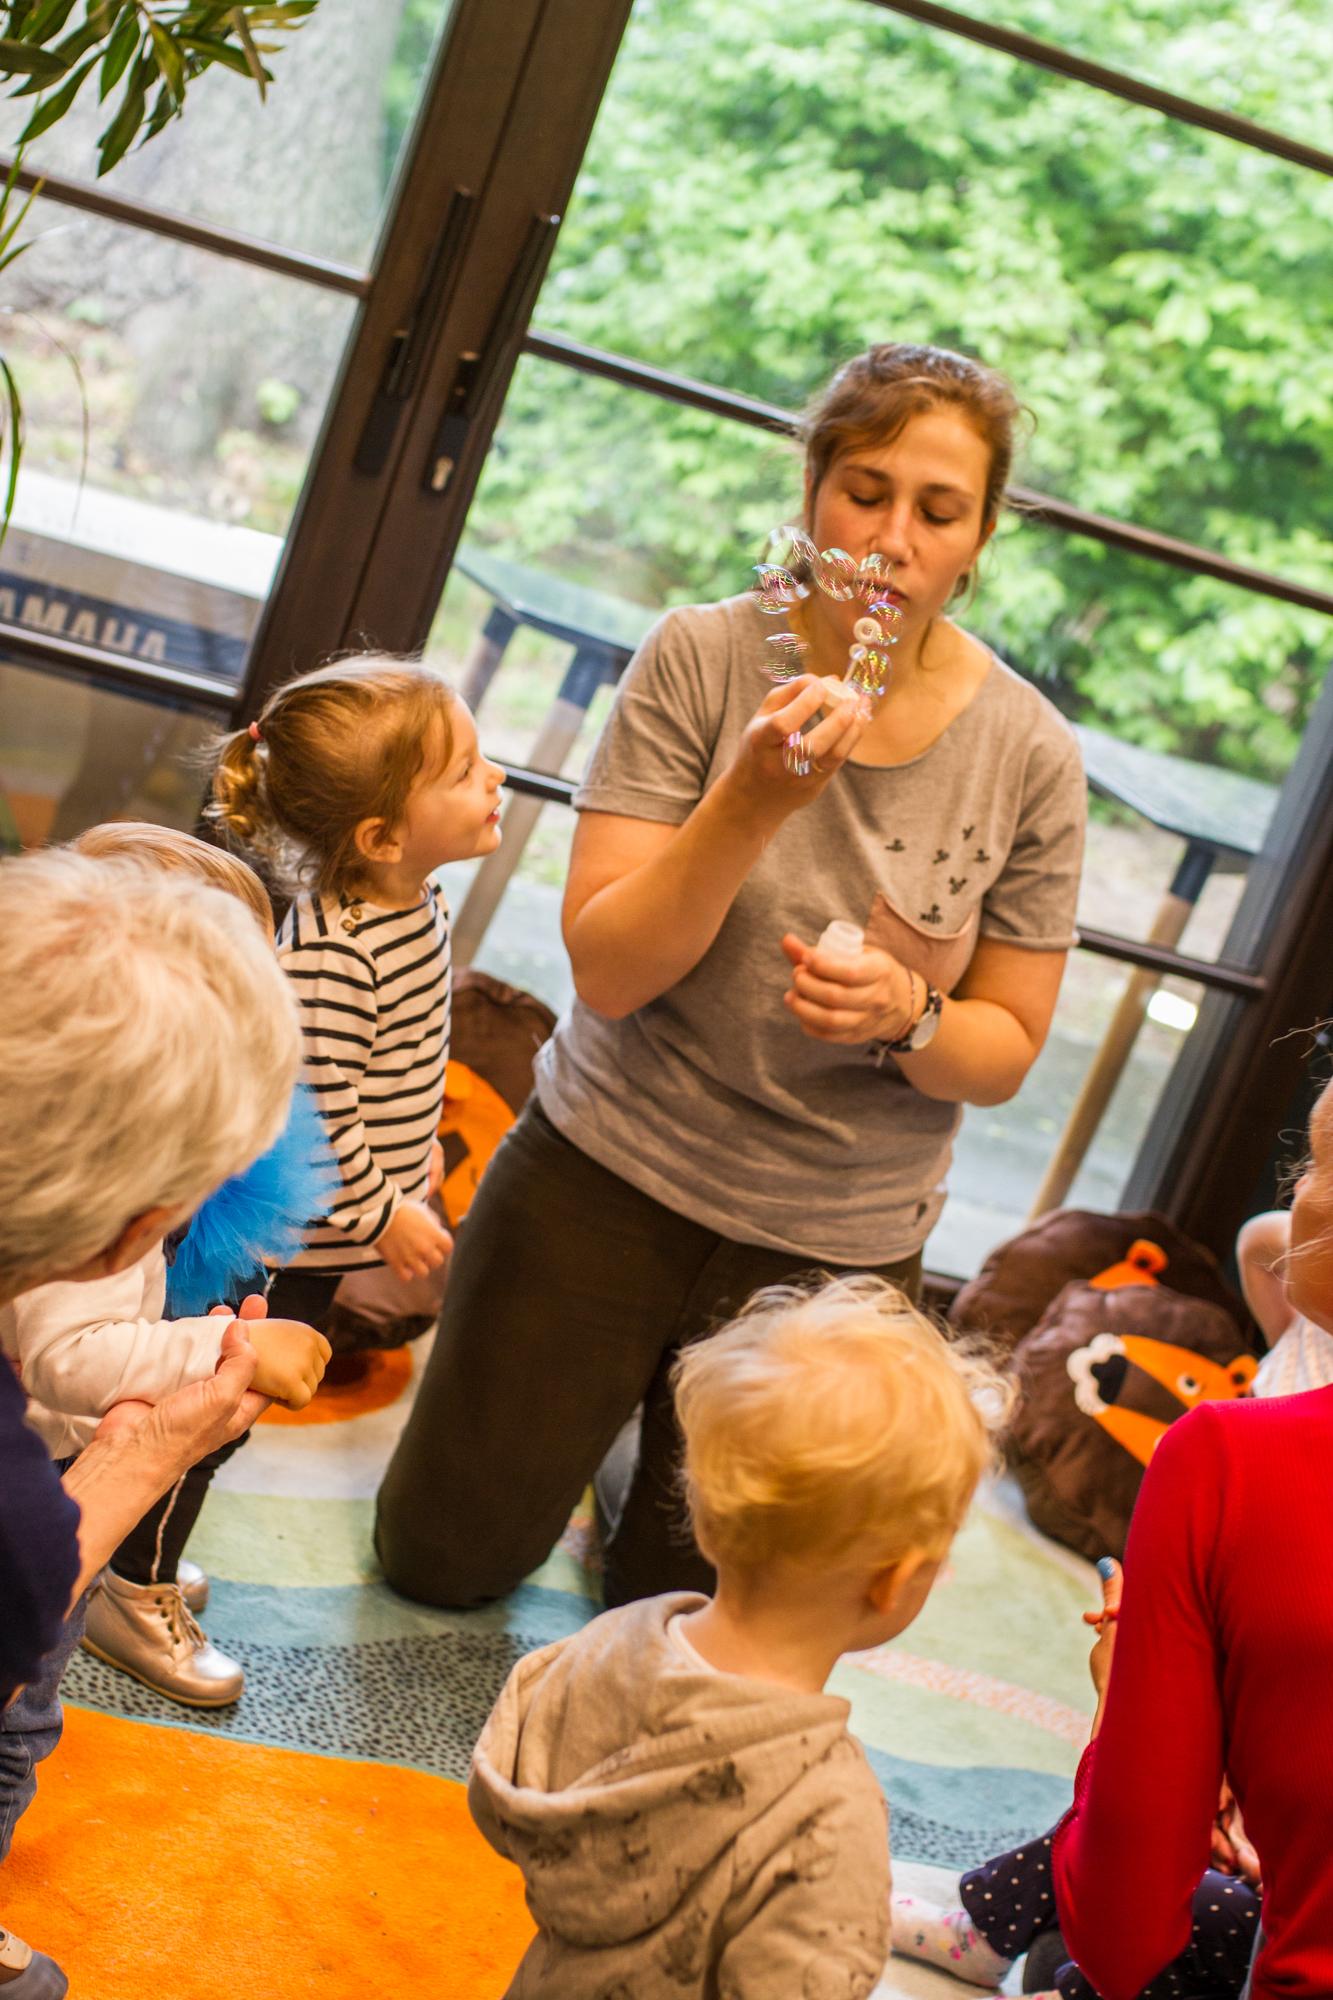 аниматор, пускающая мыльные пузыри во время игры с маленькими детьми. Вокруг неё играющие на коврике дети